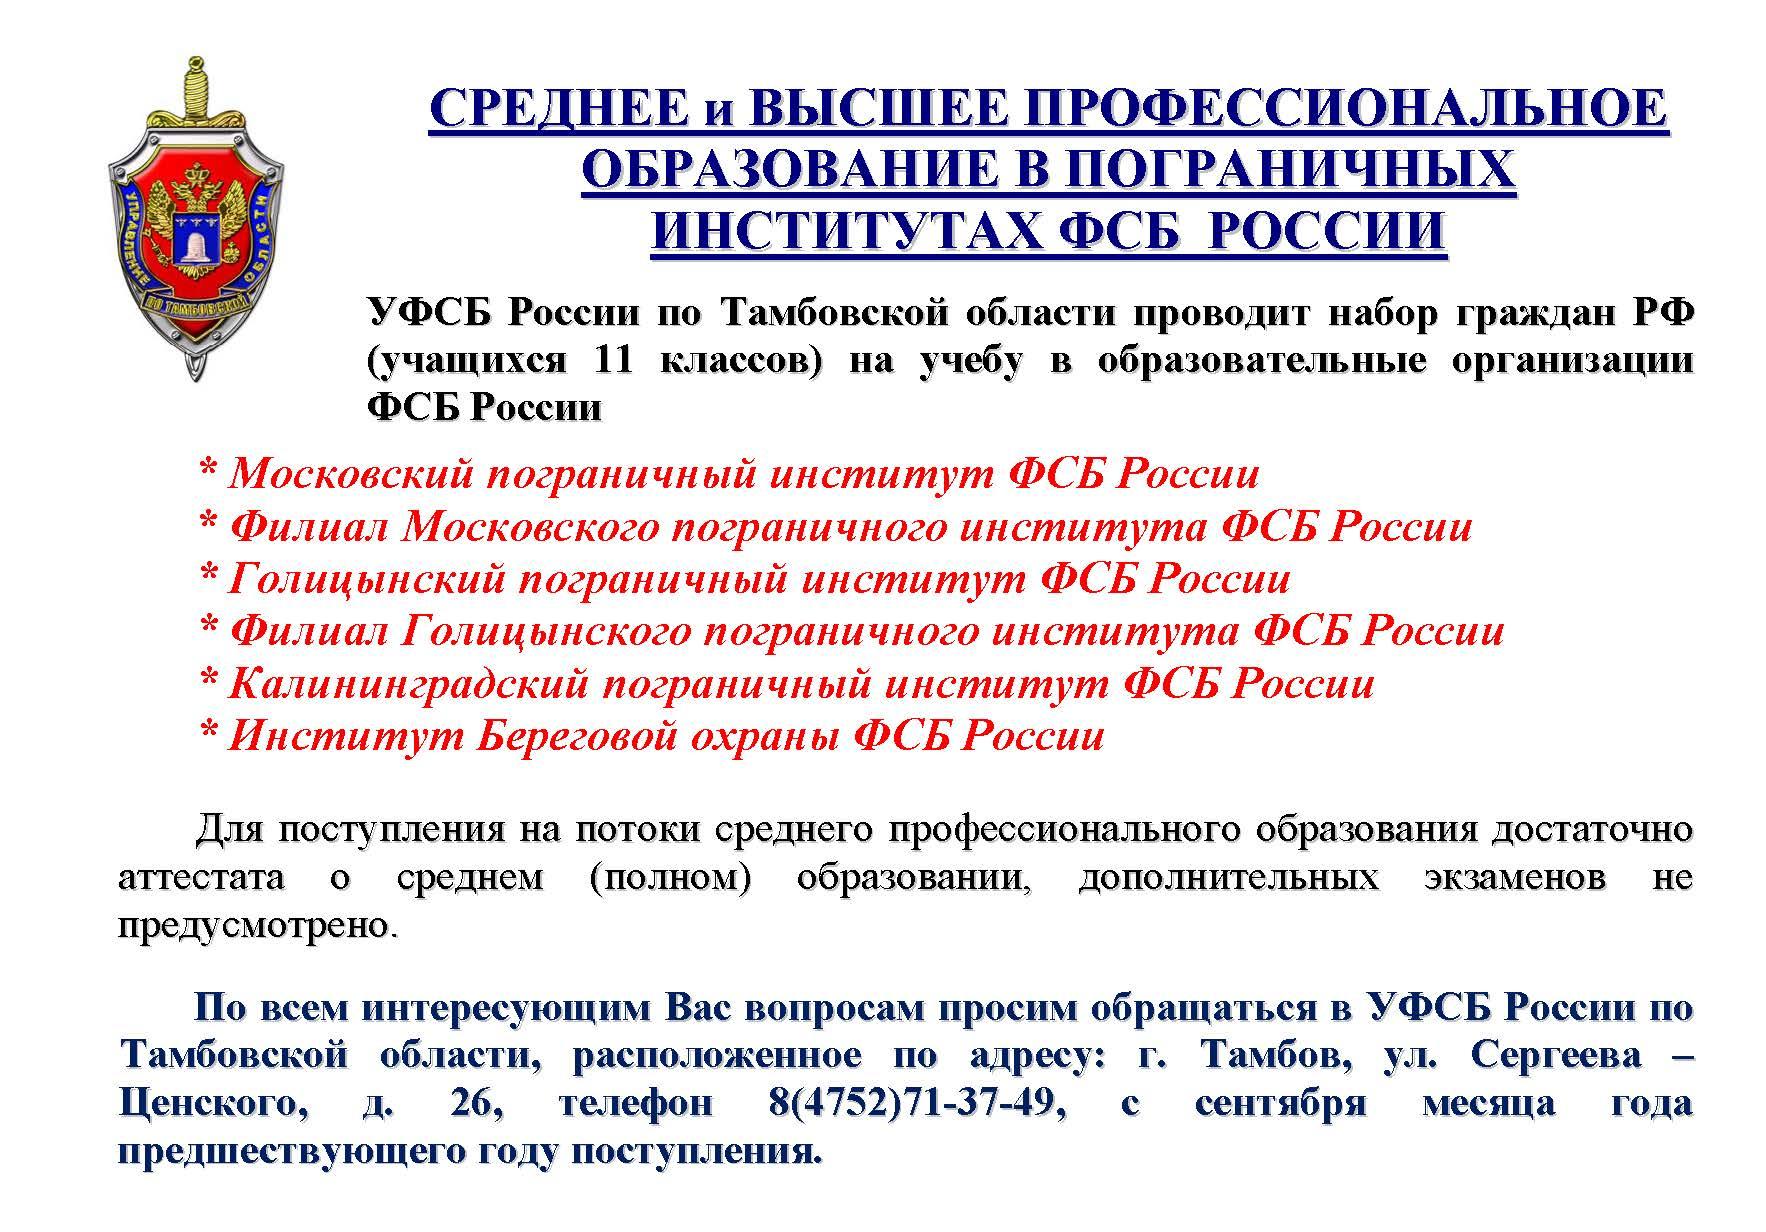 Образовательные организации в россии — википедия. что такое образовательные организации в россии